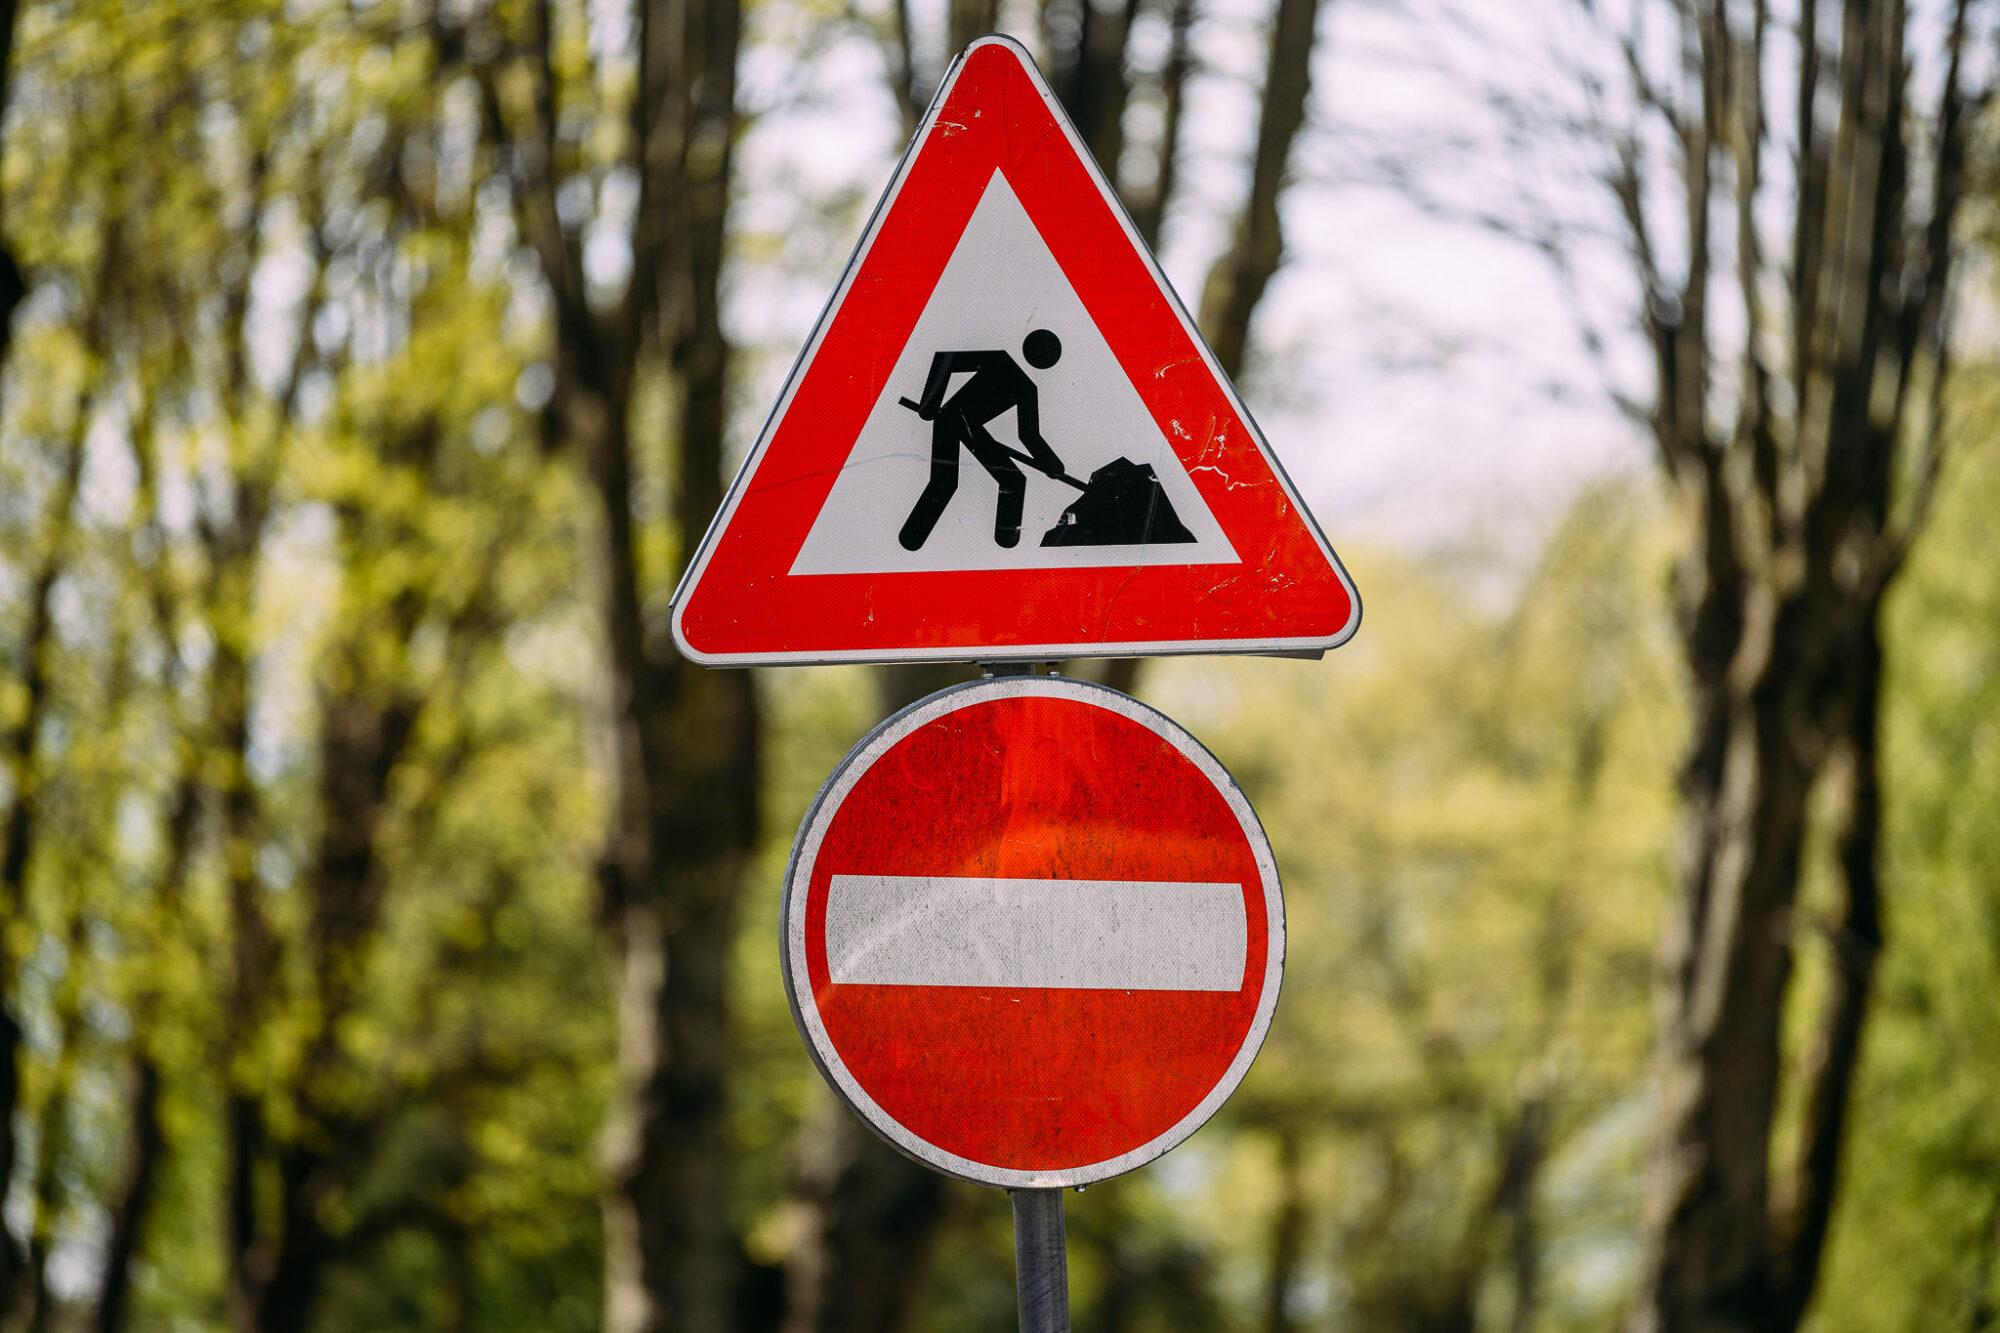 Slēgs satiksmi Medzes, kā arī Mazās ielas posmā